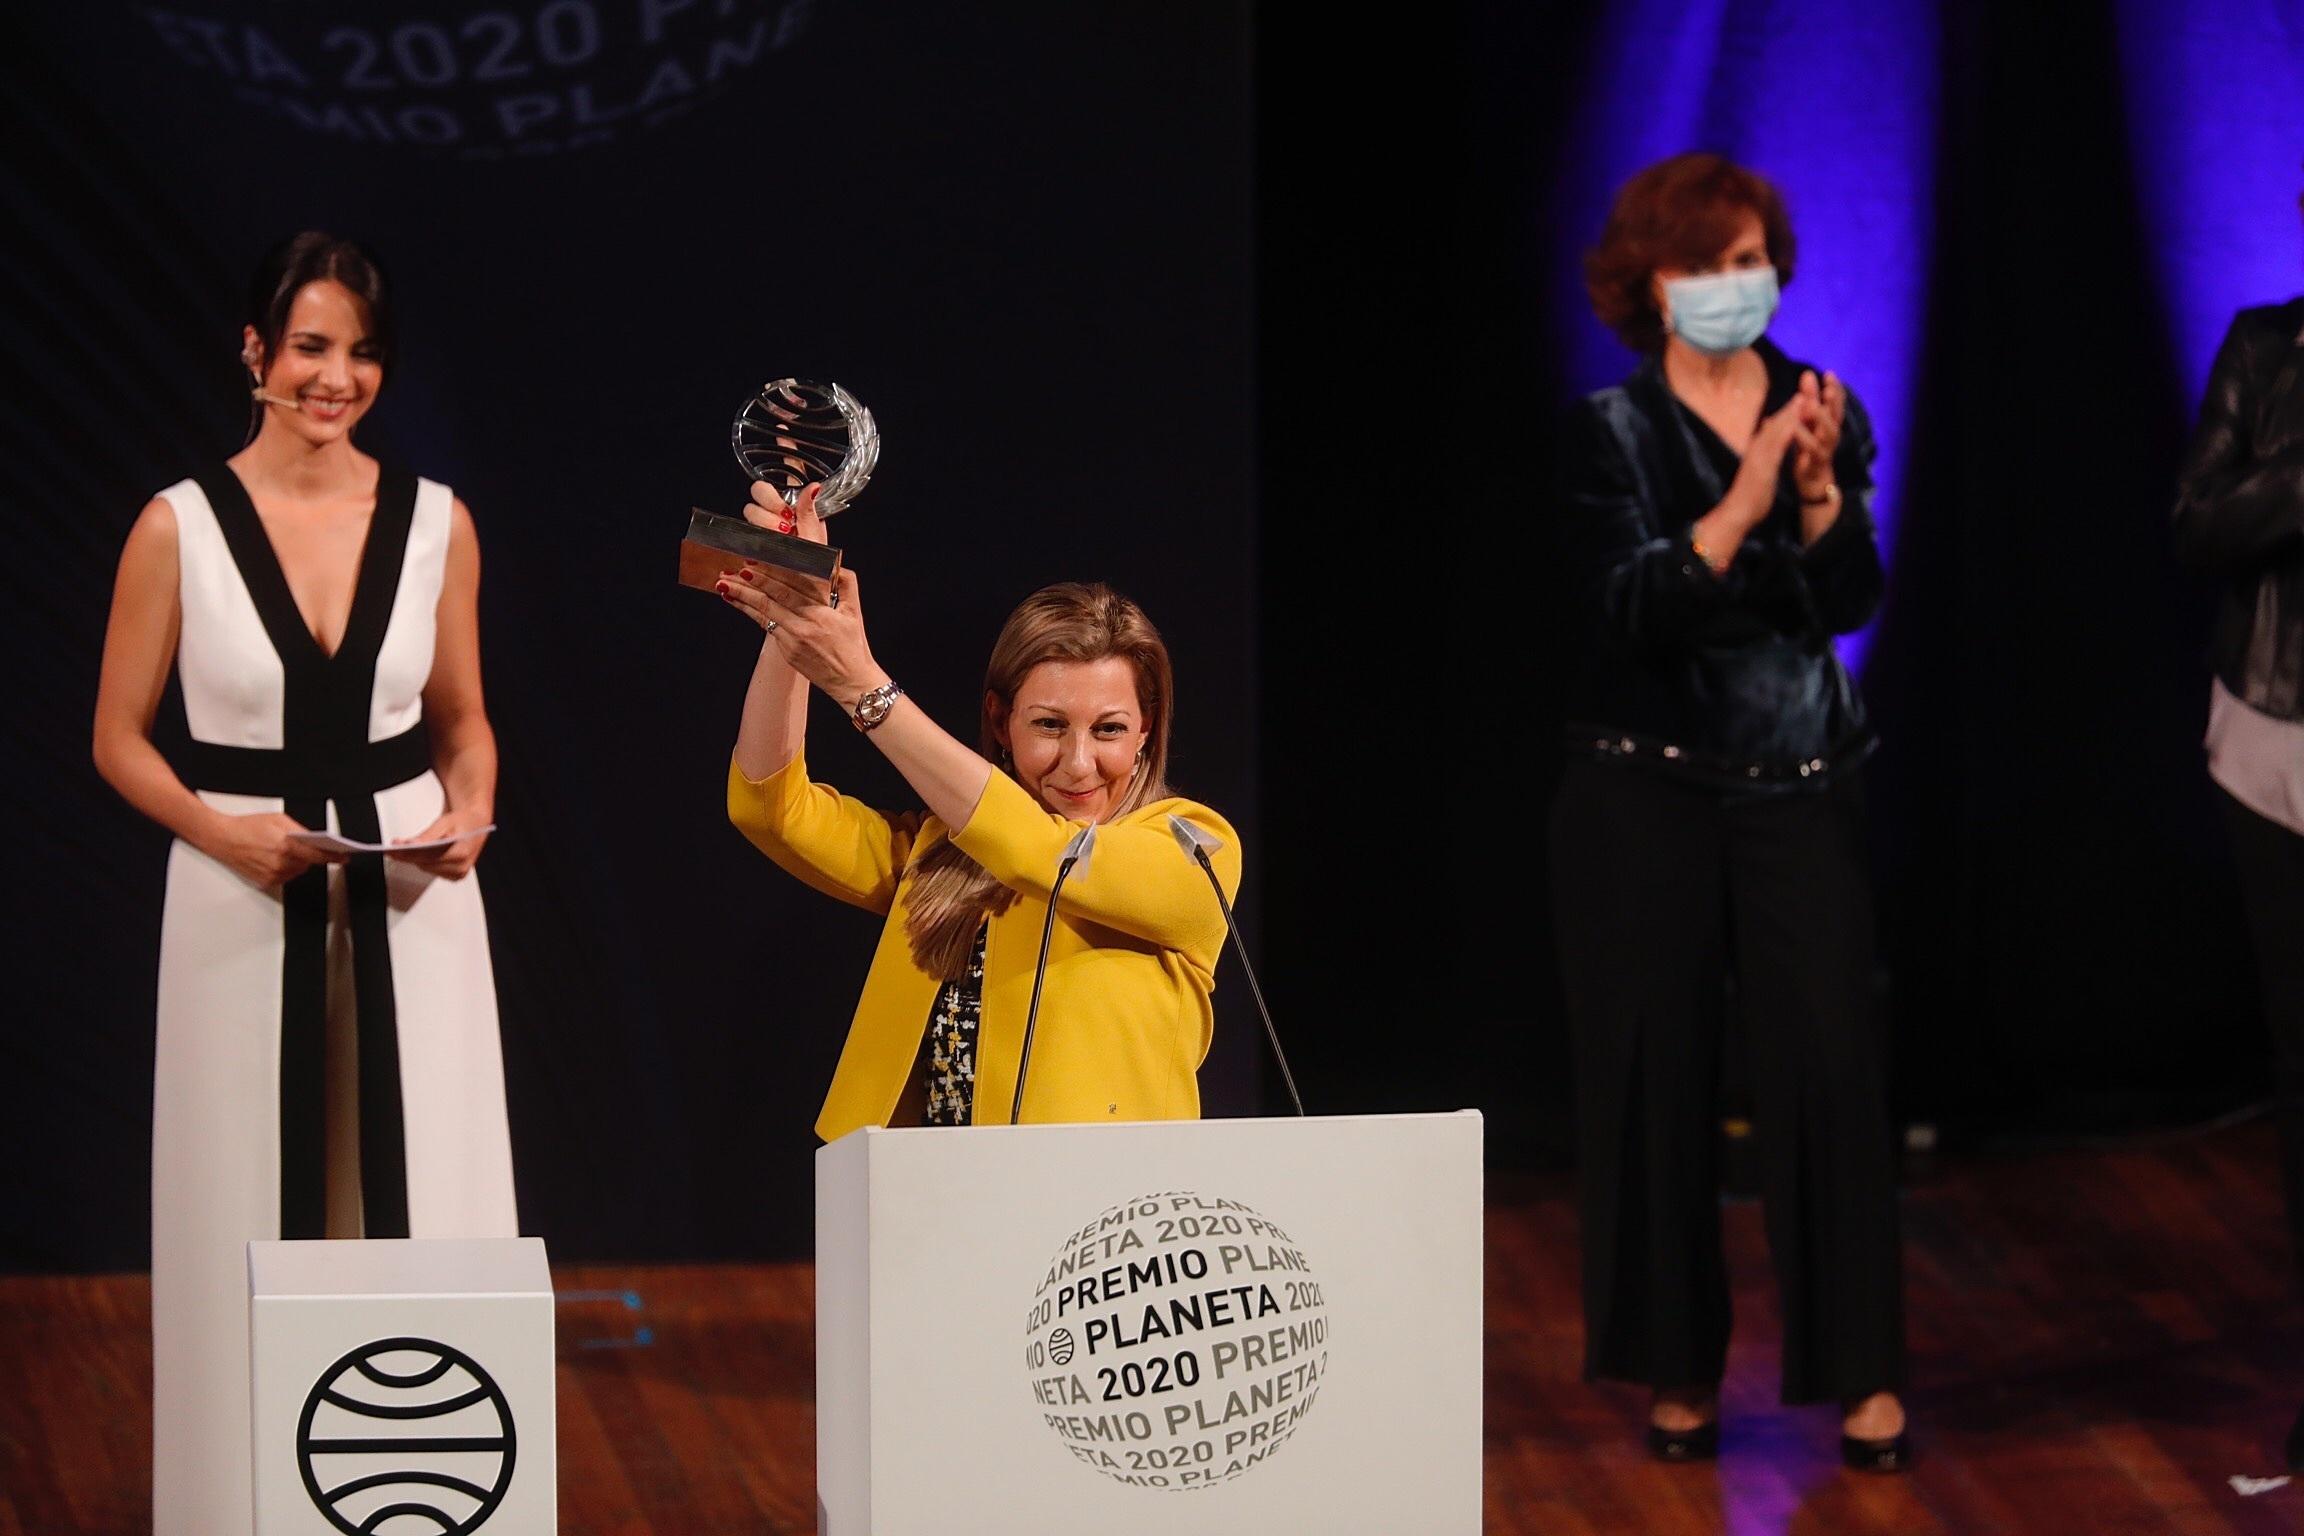 La escritora vitoriana Eva Garcia Sáenz de Urturi, ganadora del Premio Planeta 2020